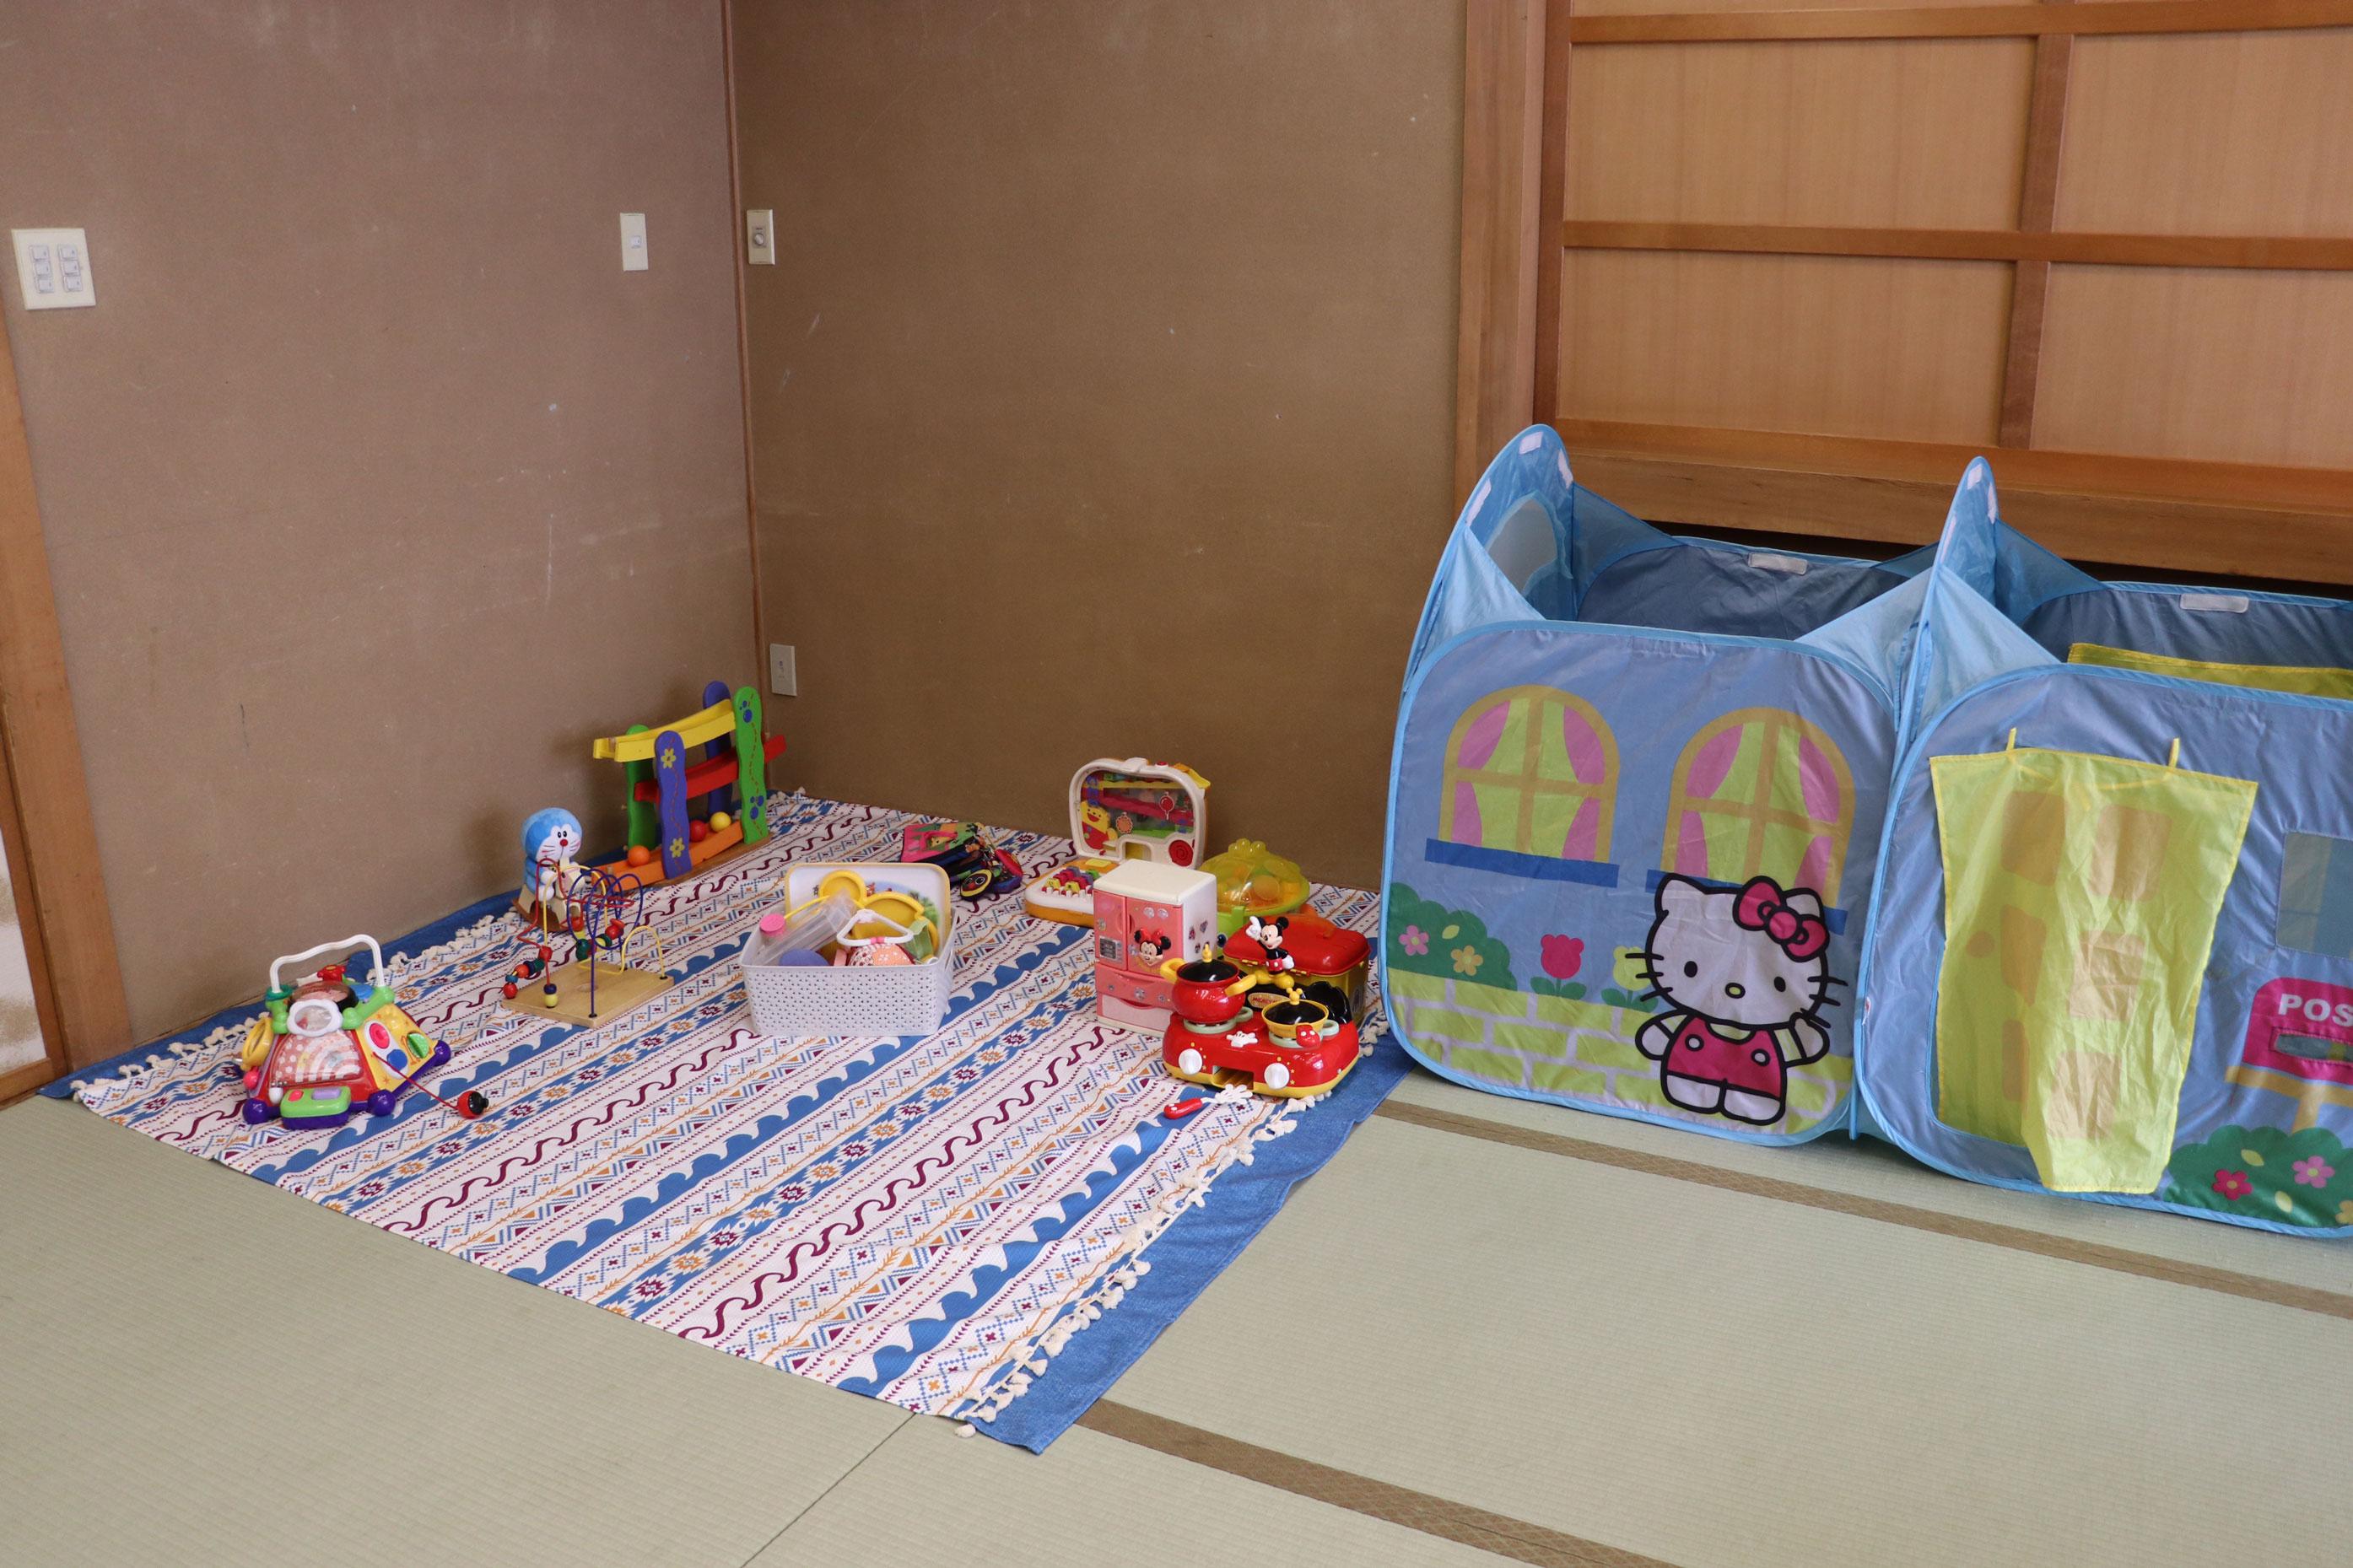 各部屋にキッズコーナーを用意します(イメージ)。どんなおもちゃがあるかは、当日のお楽しみ